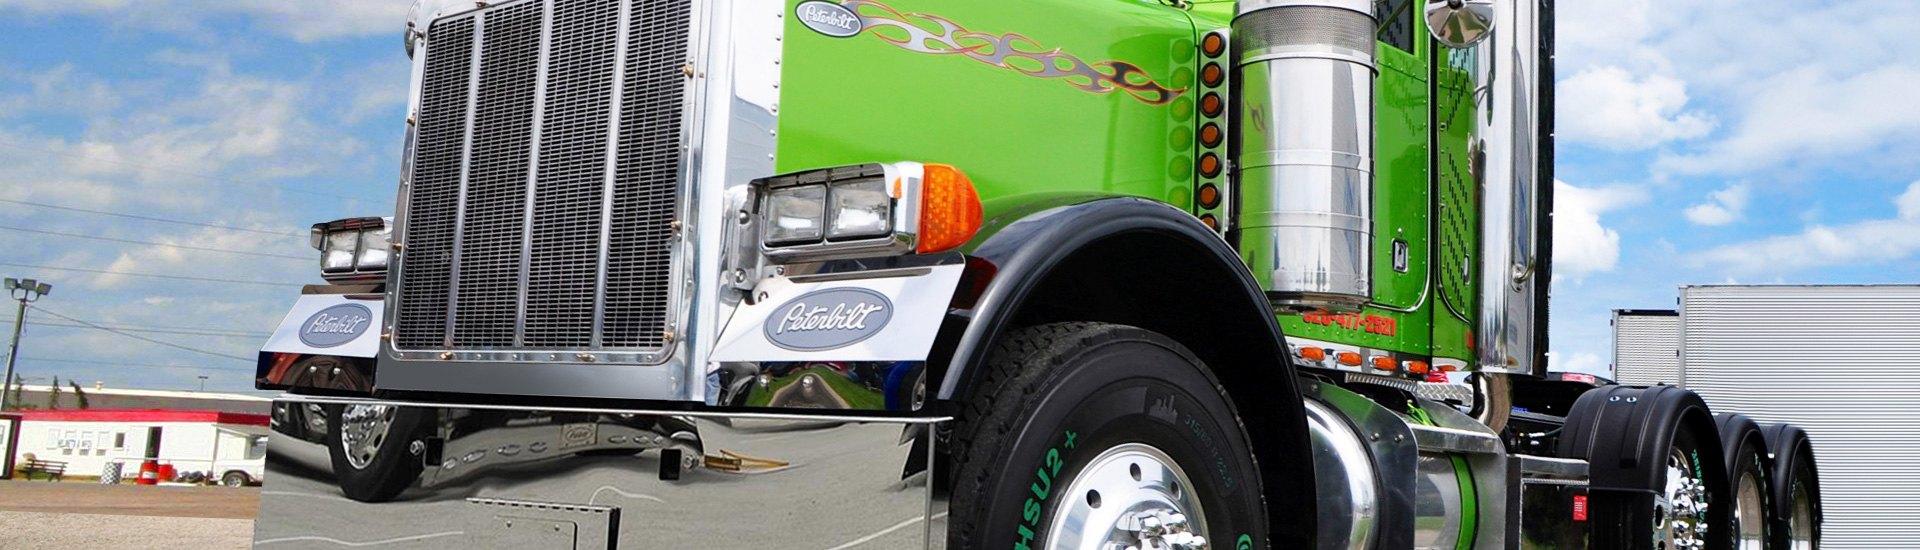 Semi Truck Exterior